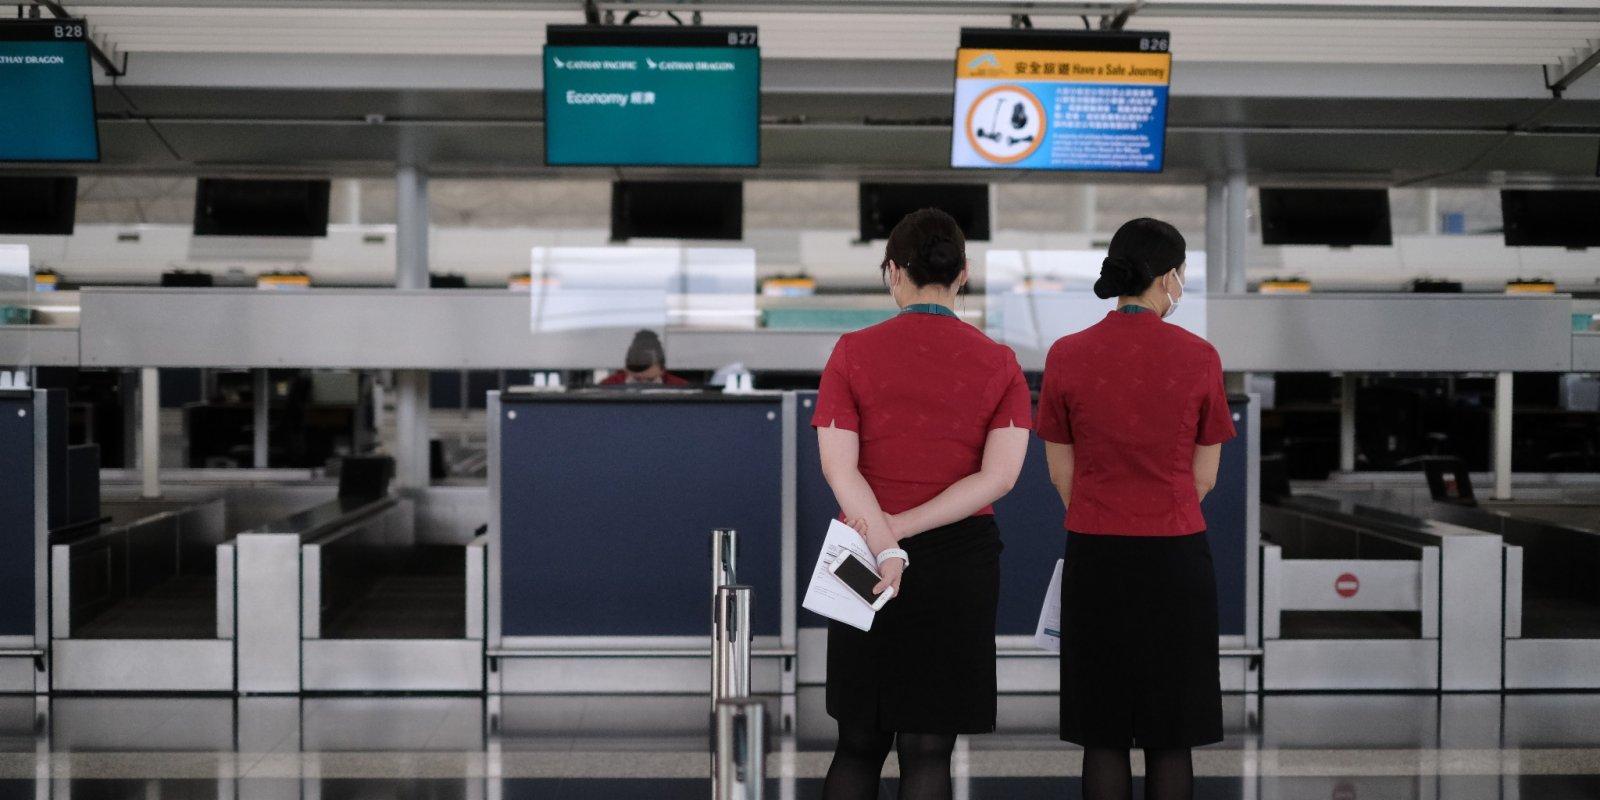 國泰8成駐港機師及4成機艙服務員預約或已打疫苗